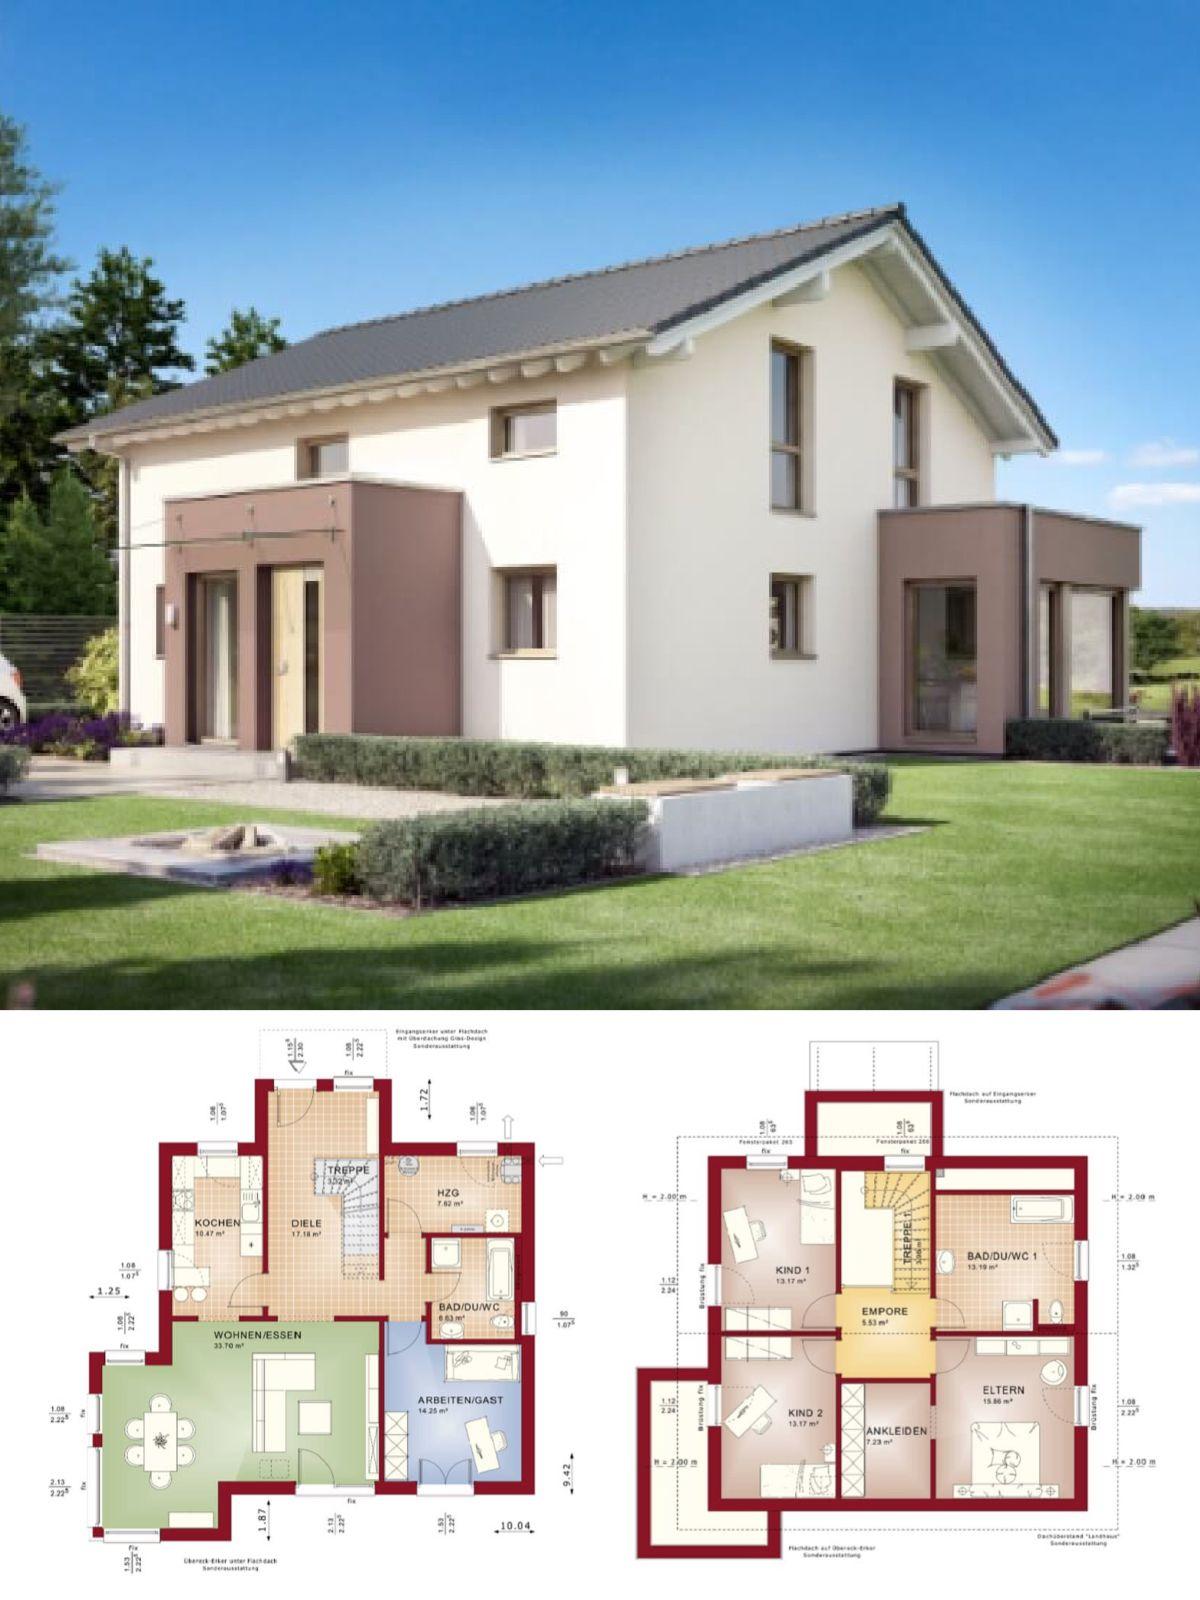 Modernes Einfamilienhaus mit Satteldach und Erker Anbau